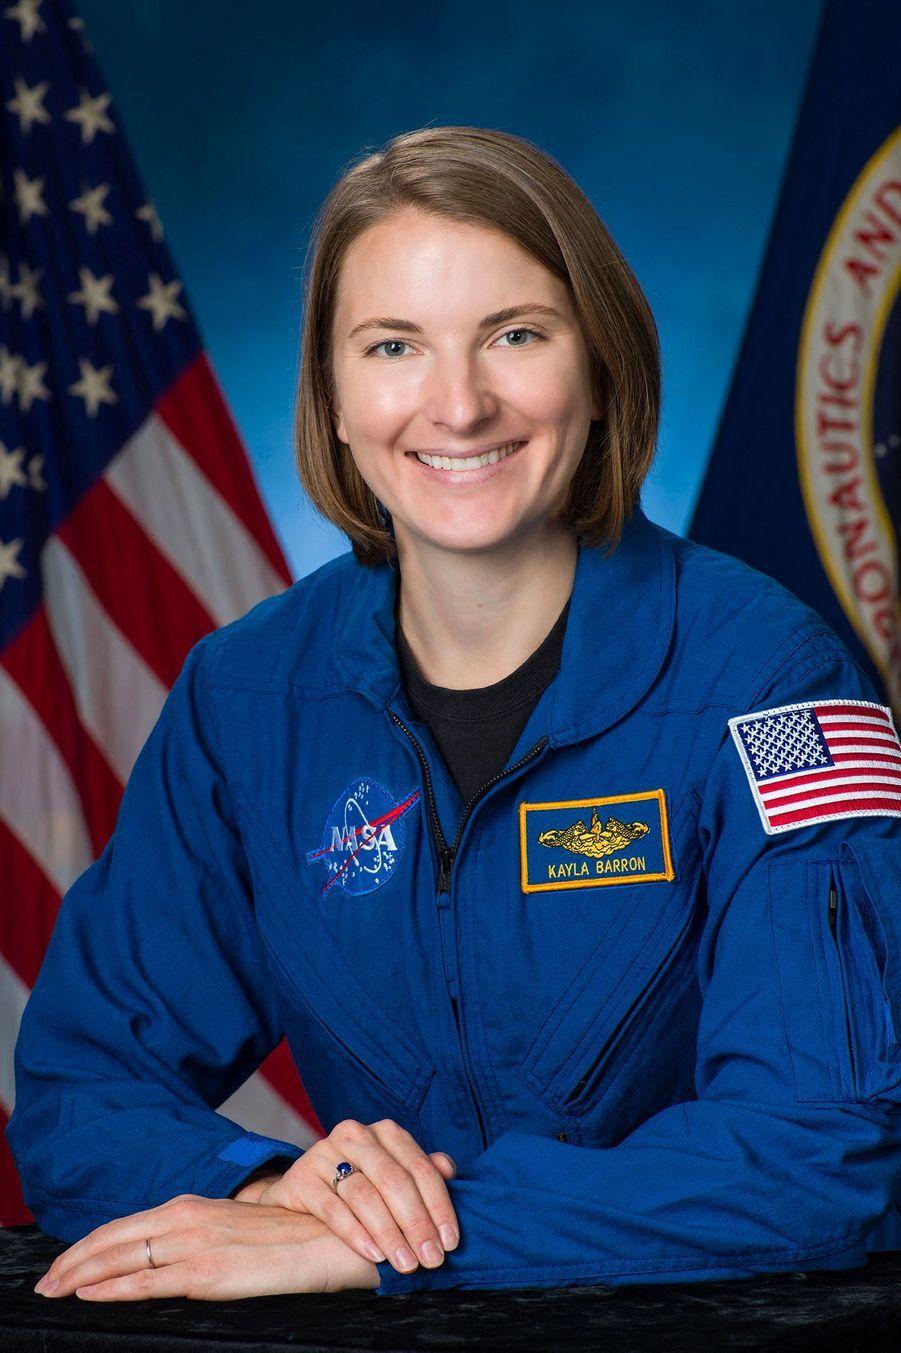 Kayla Baron.